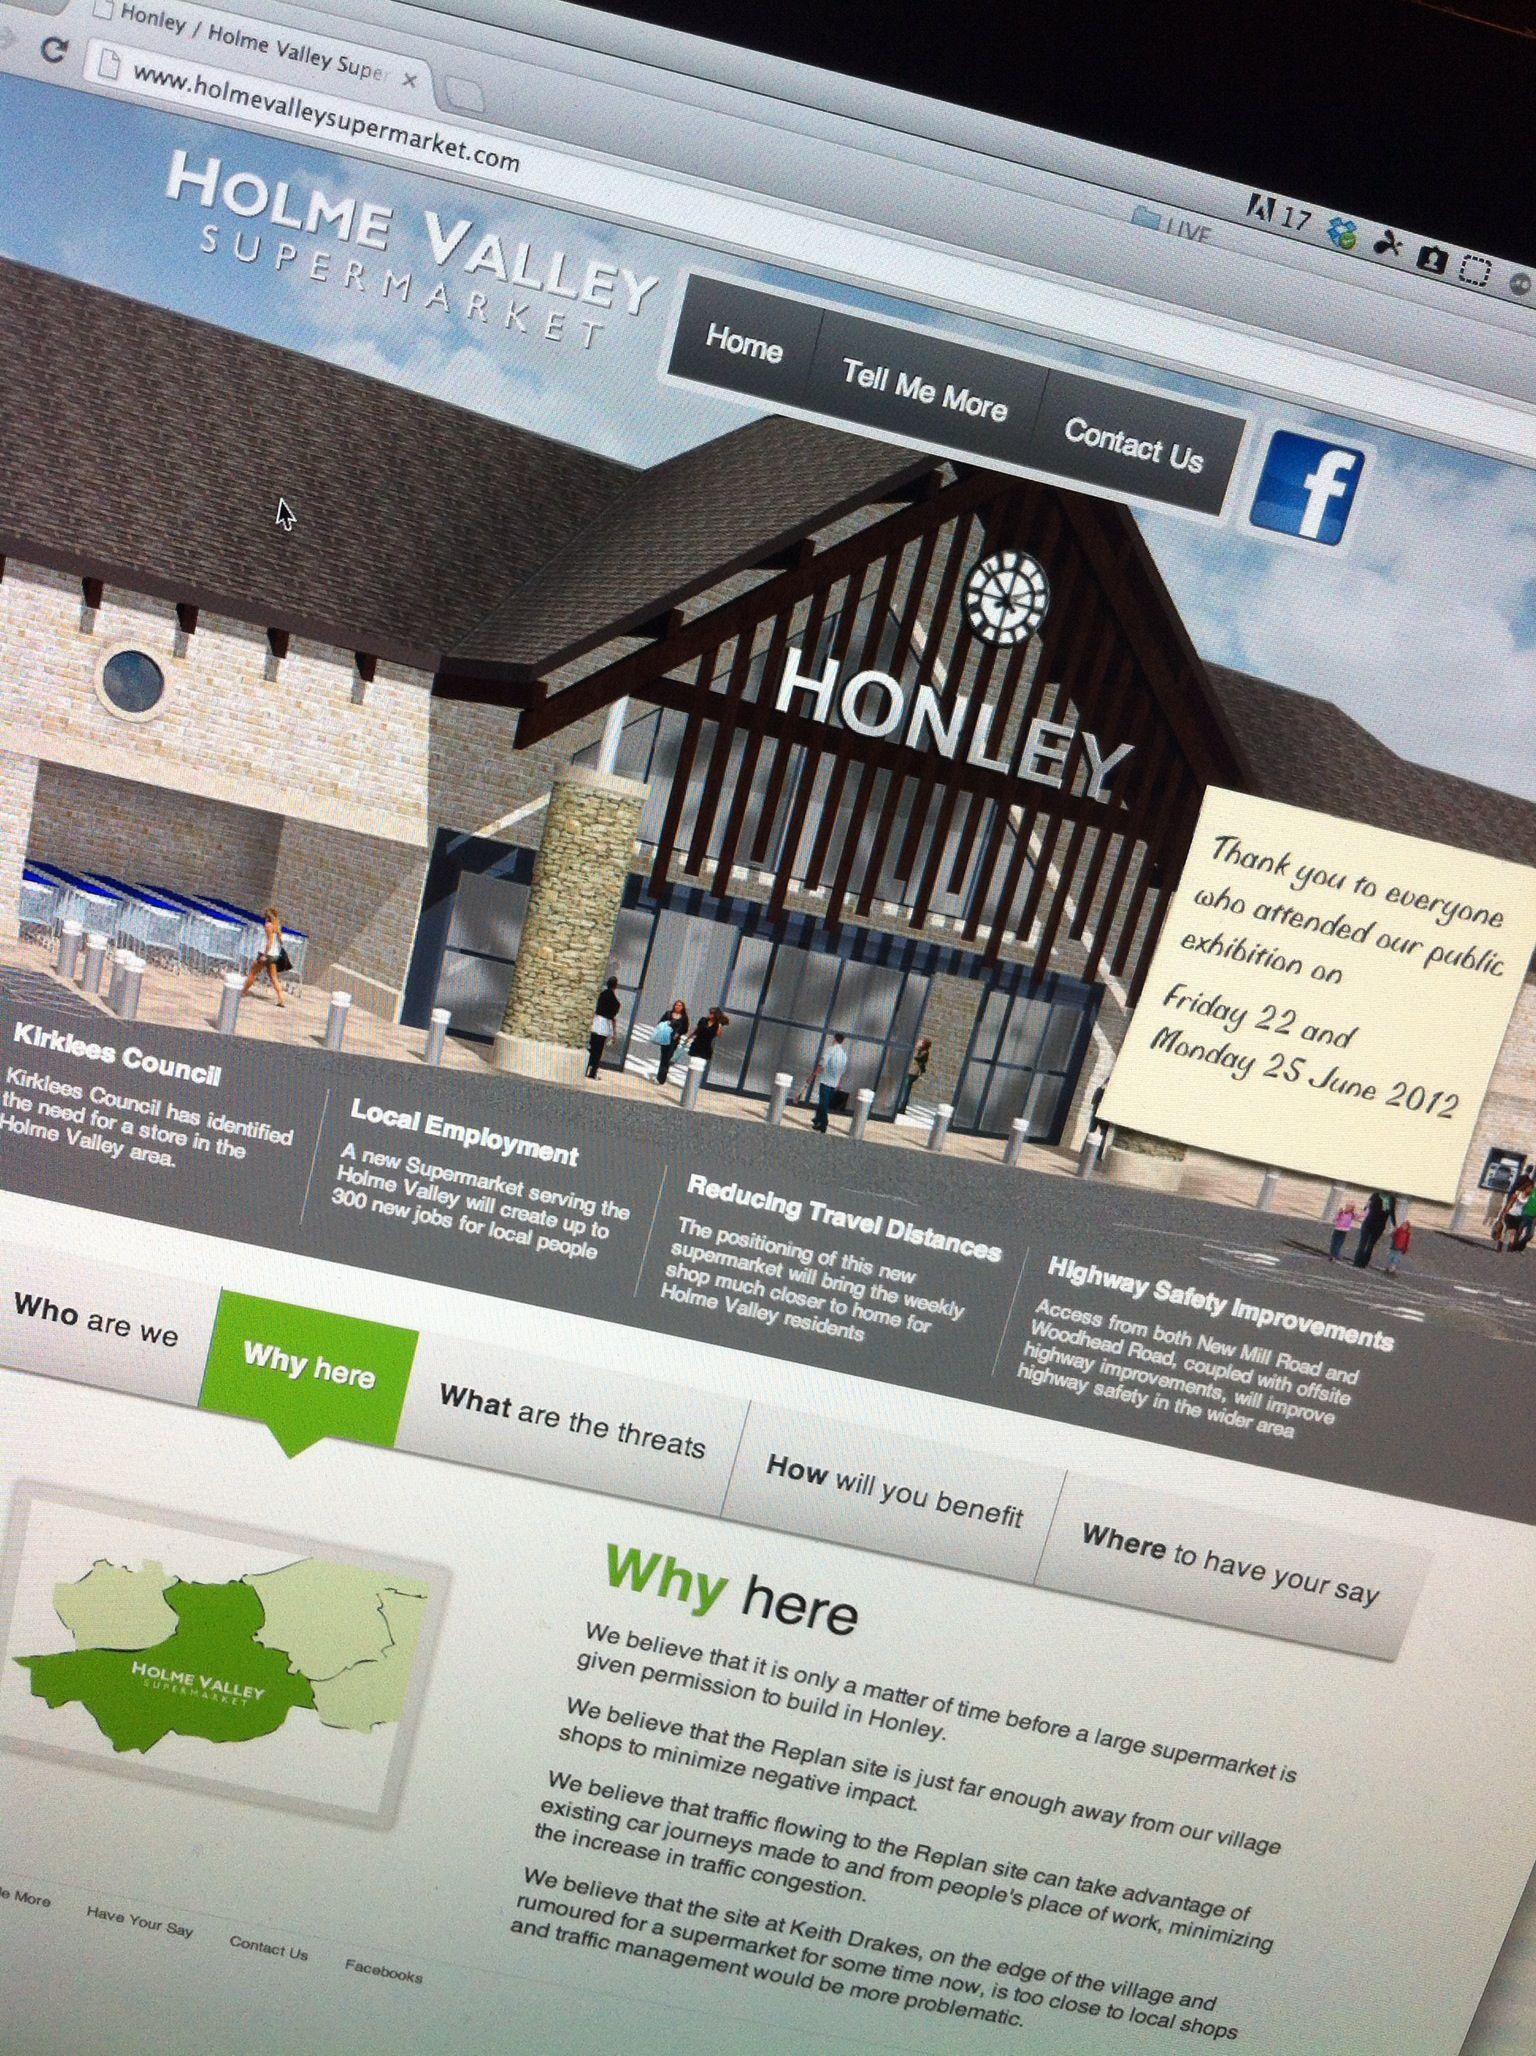 Web Design Huddersfield Syncddesign Co Uk Website Design Design Agency Web Design